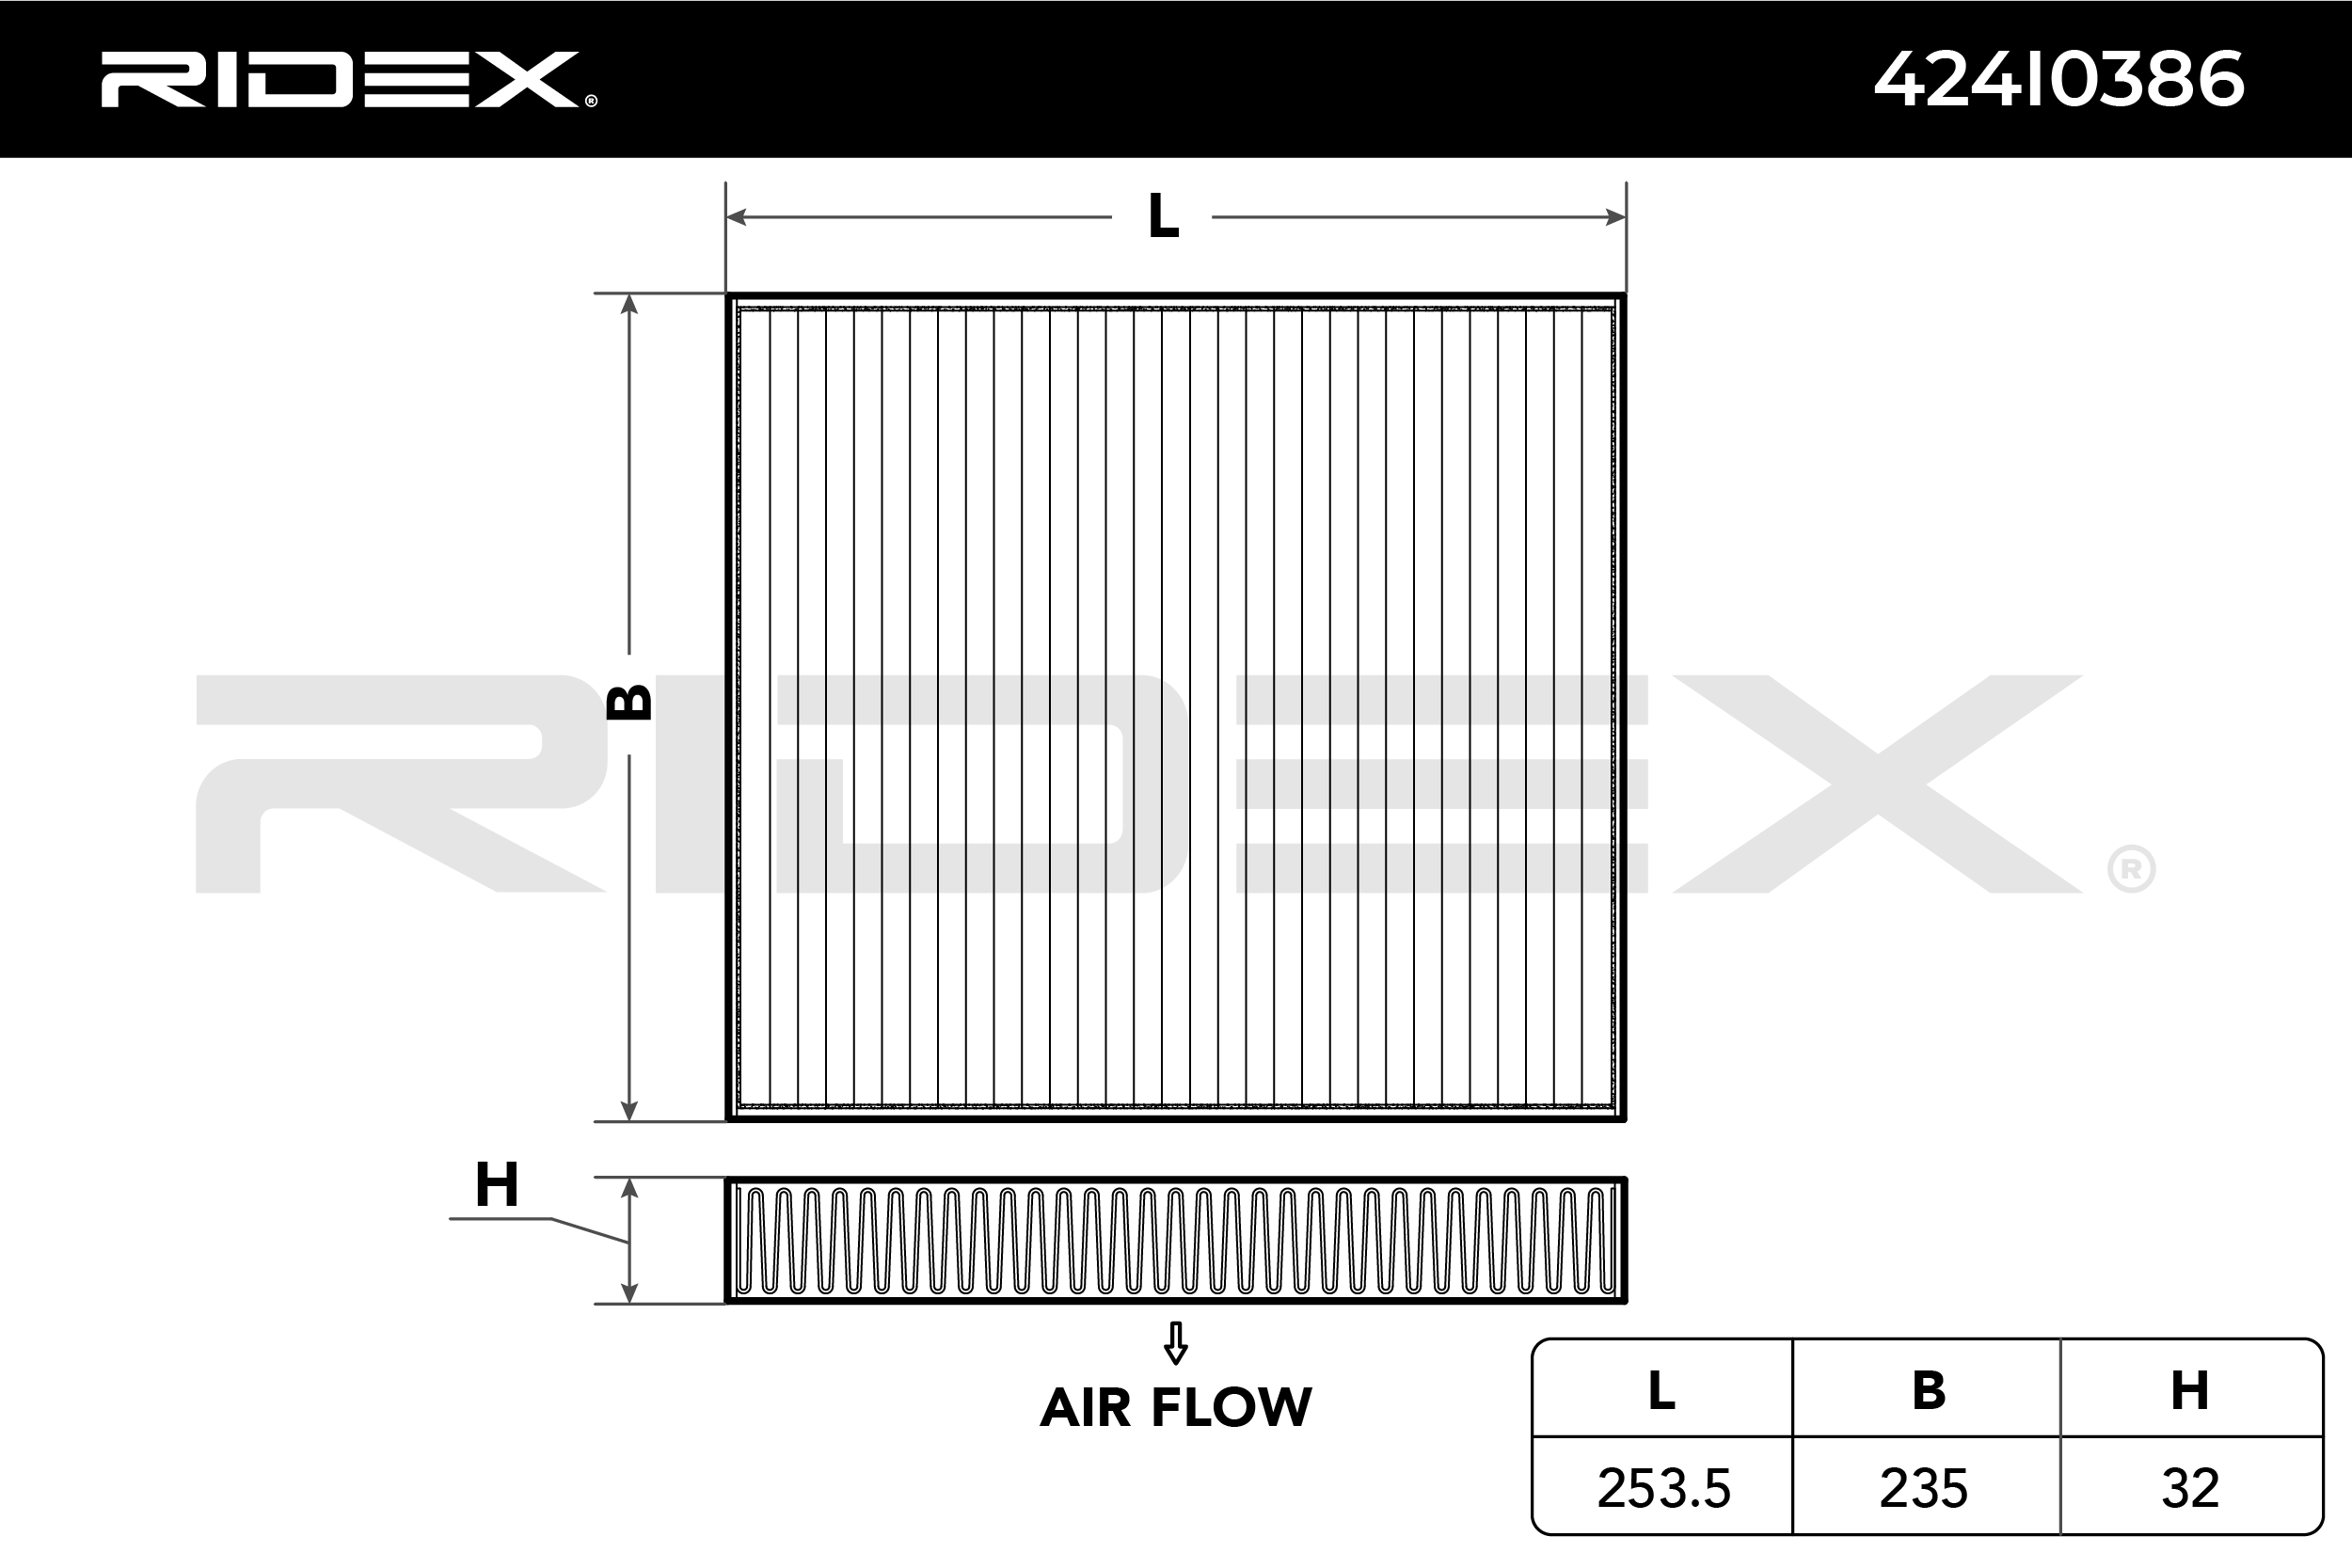 Innenraumluftfilter RIDEX 424I0386